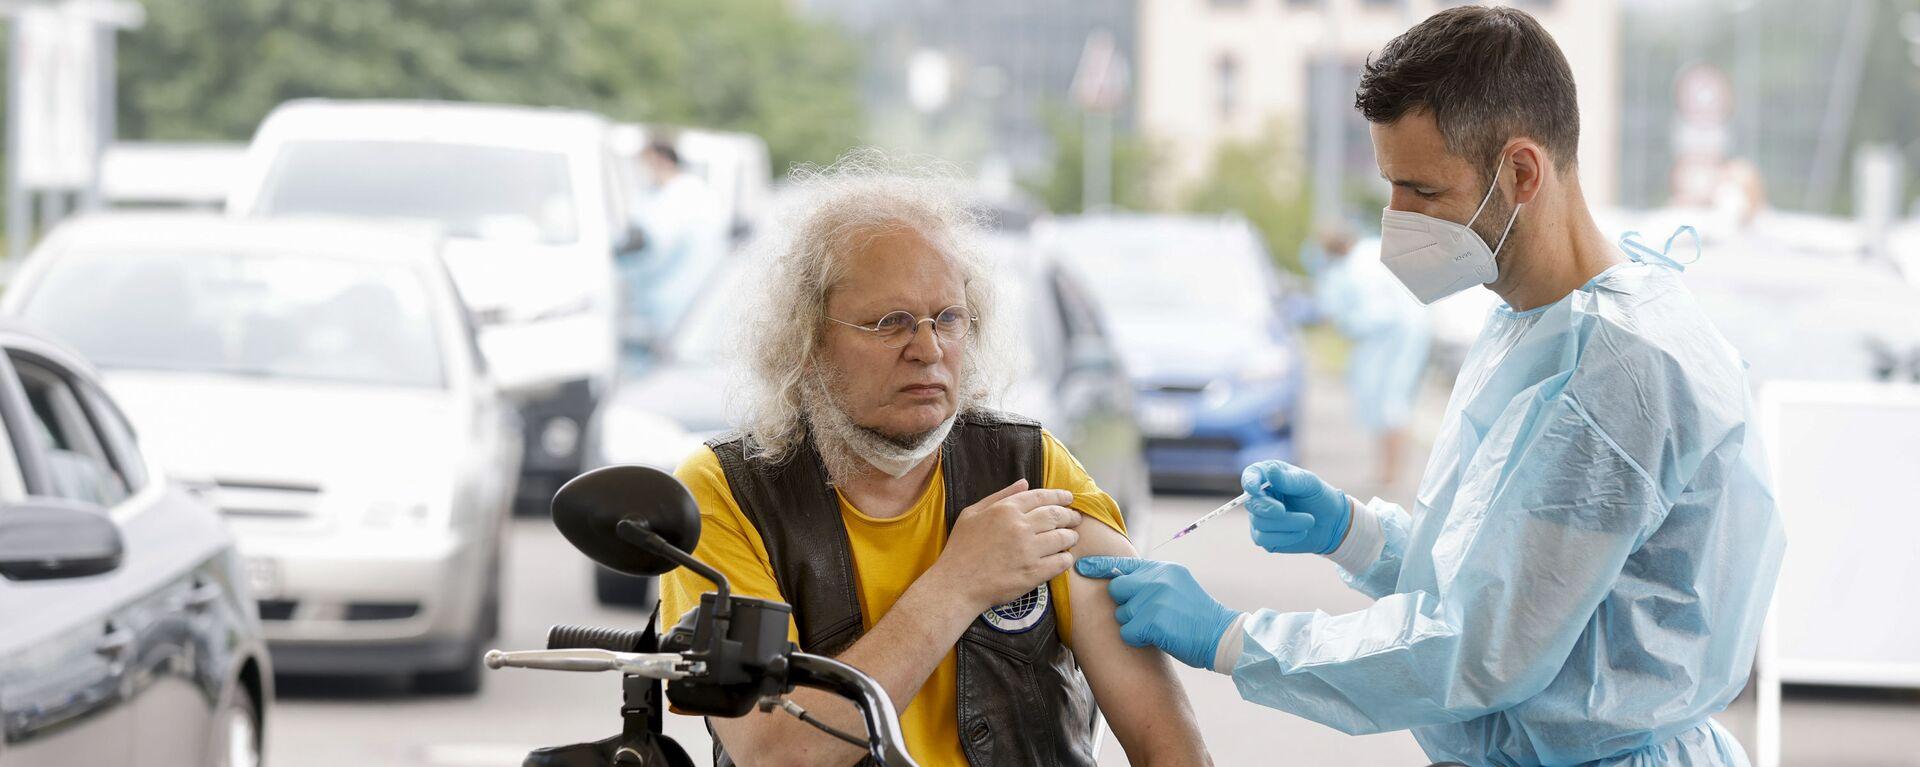 Zdravotnický pracovník aplikuje dávku vakcíny proti koronaviru v centru pro očkování v Berlíně - Sputnik Česká republika, 1920, 04.08.2021